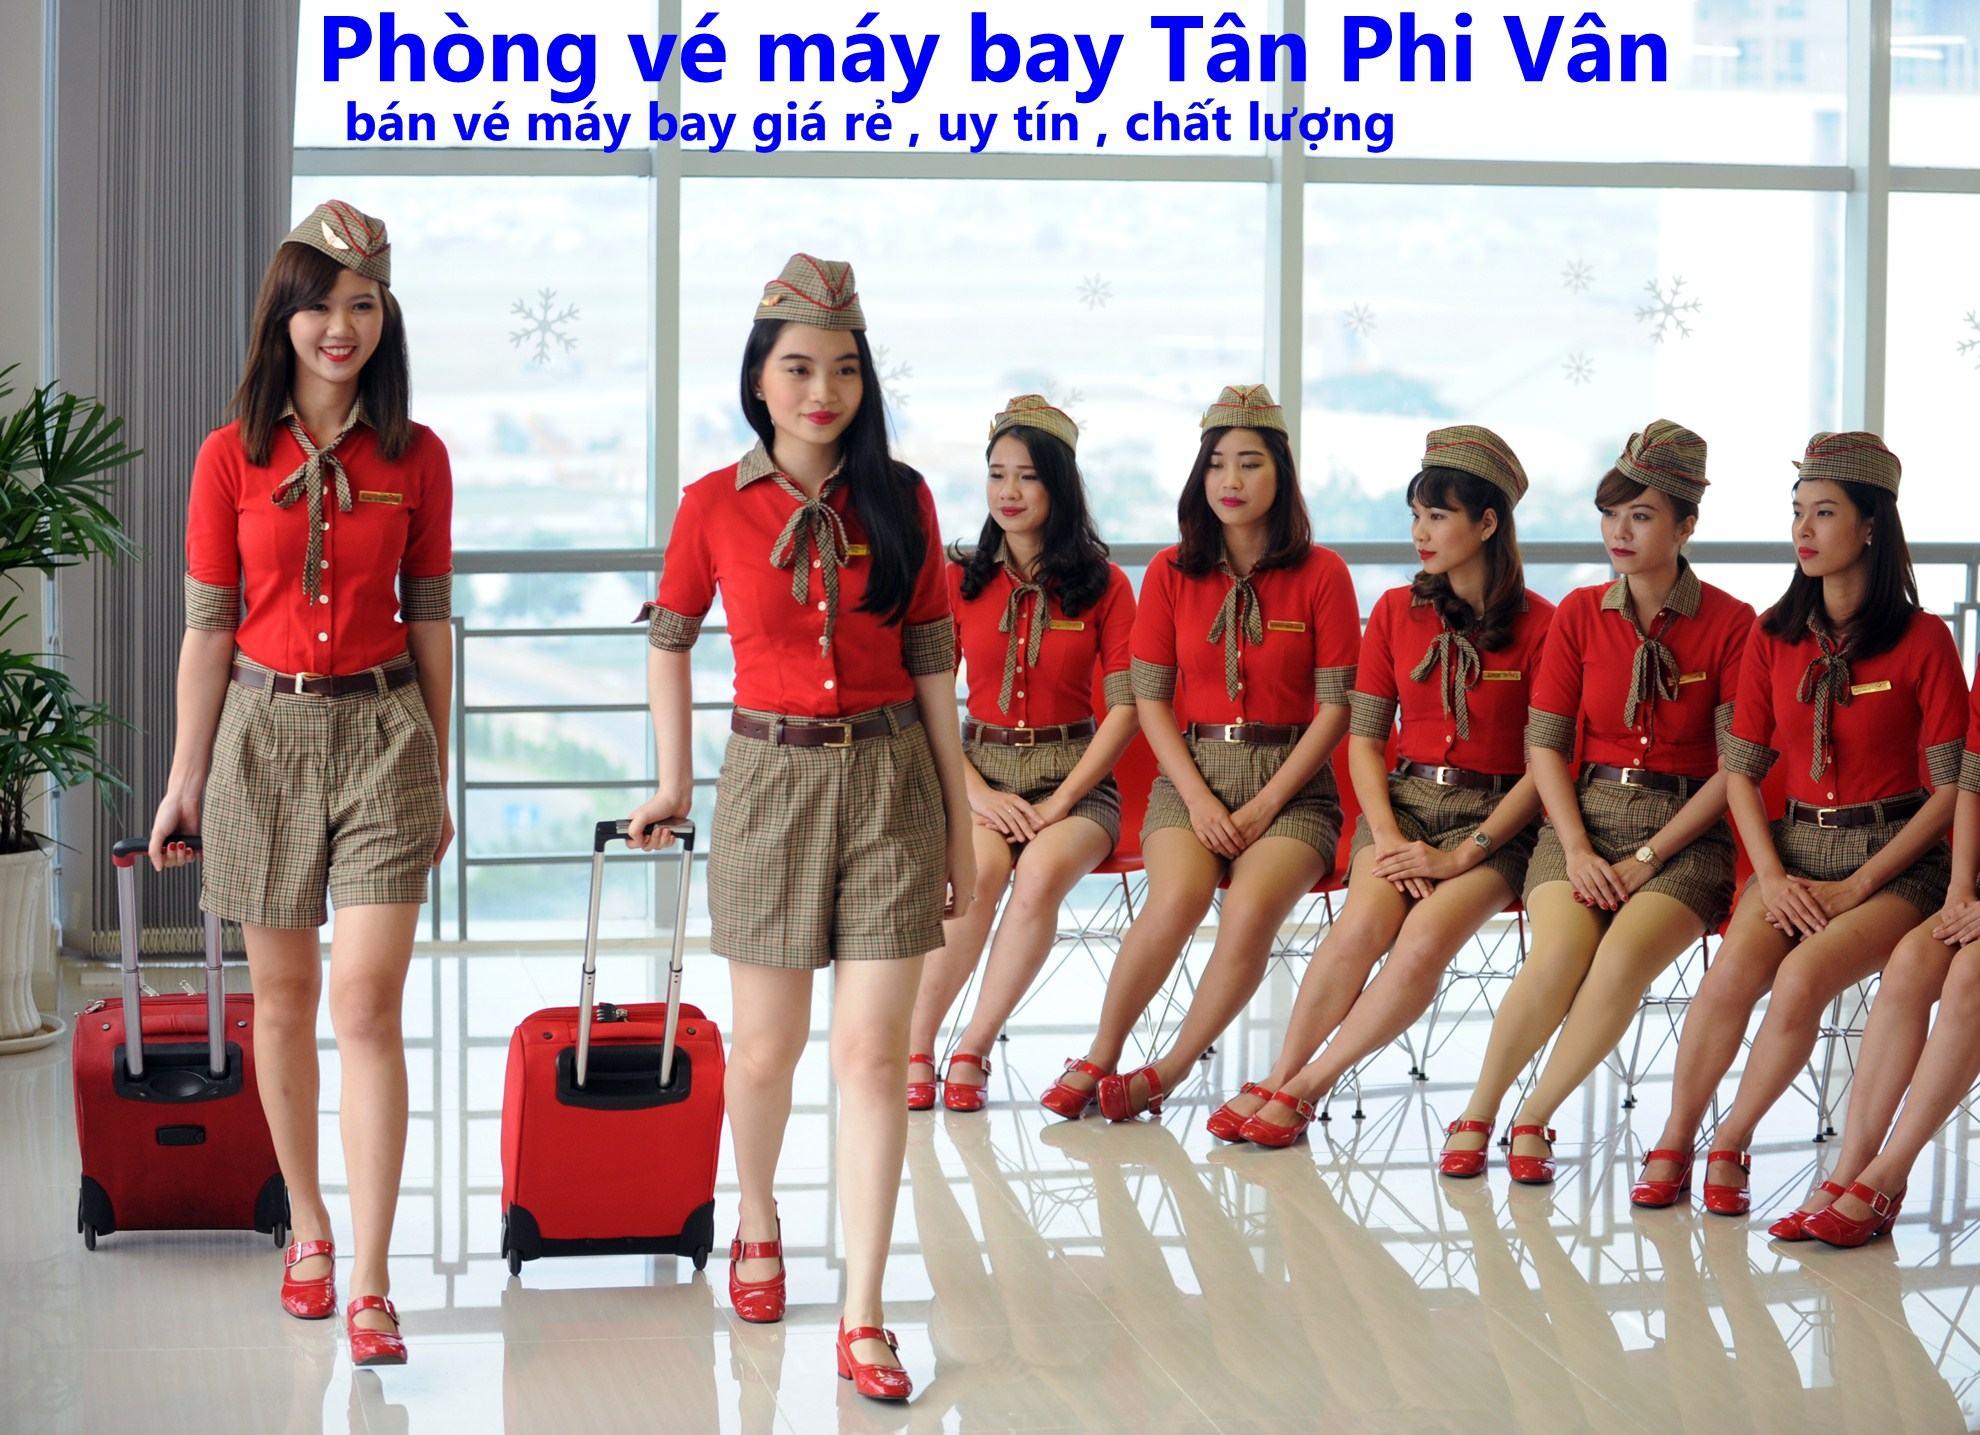 tan-phi-van